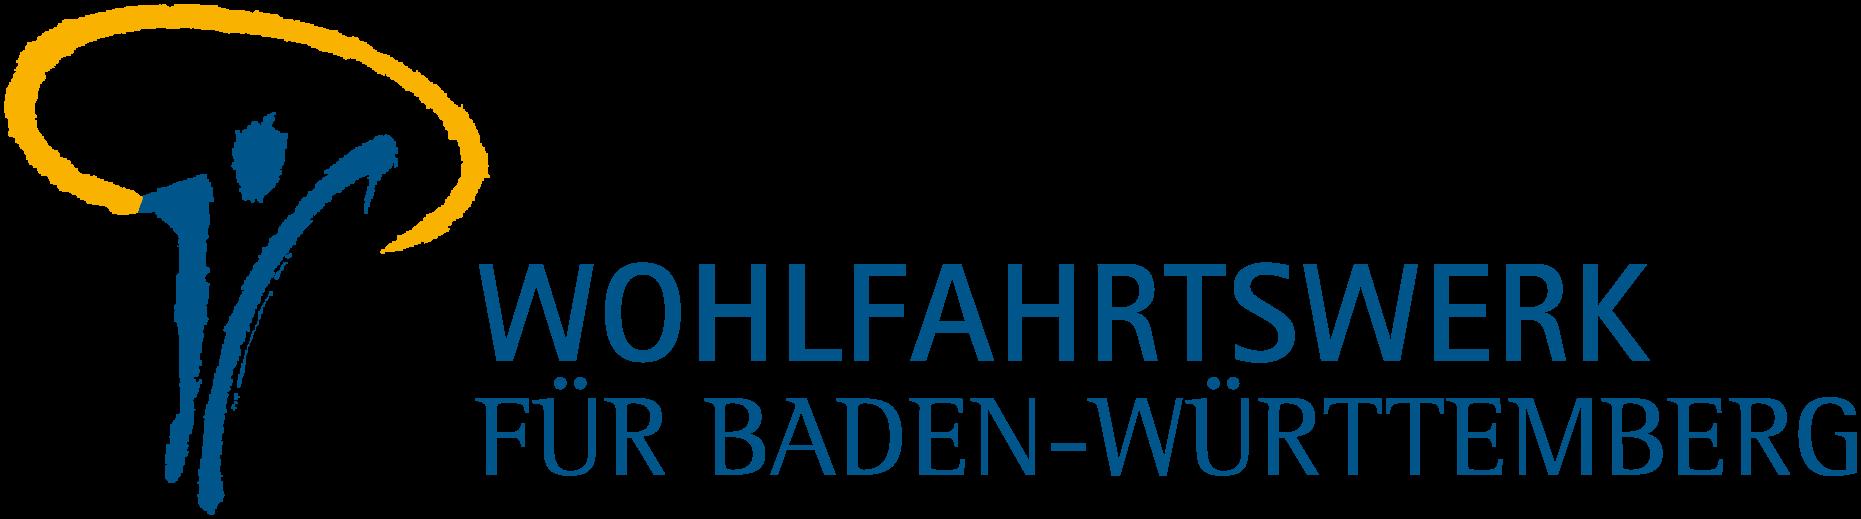 Wohlfahrtswerk logo